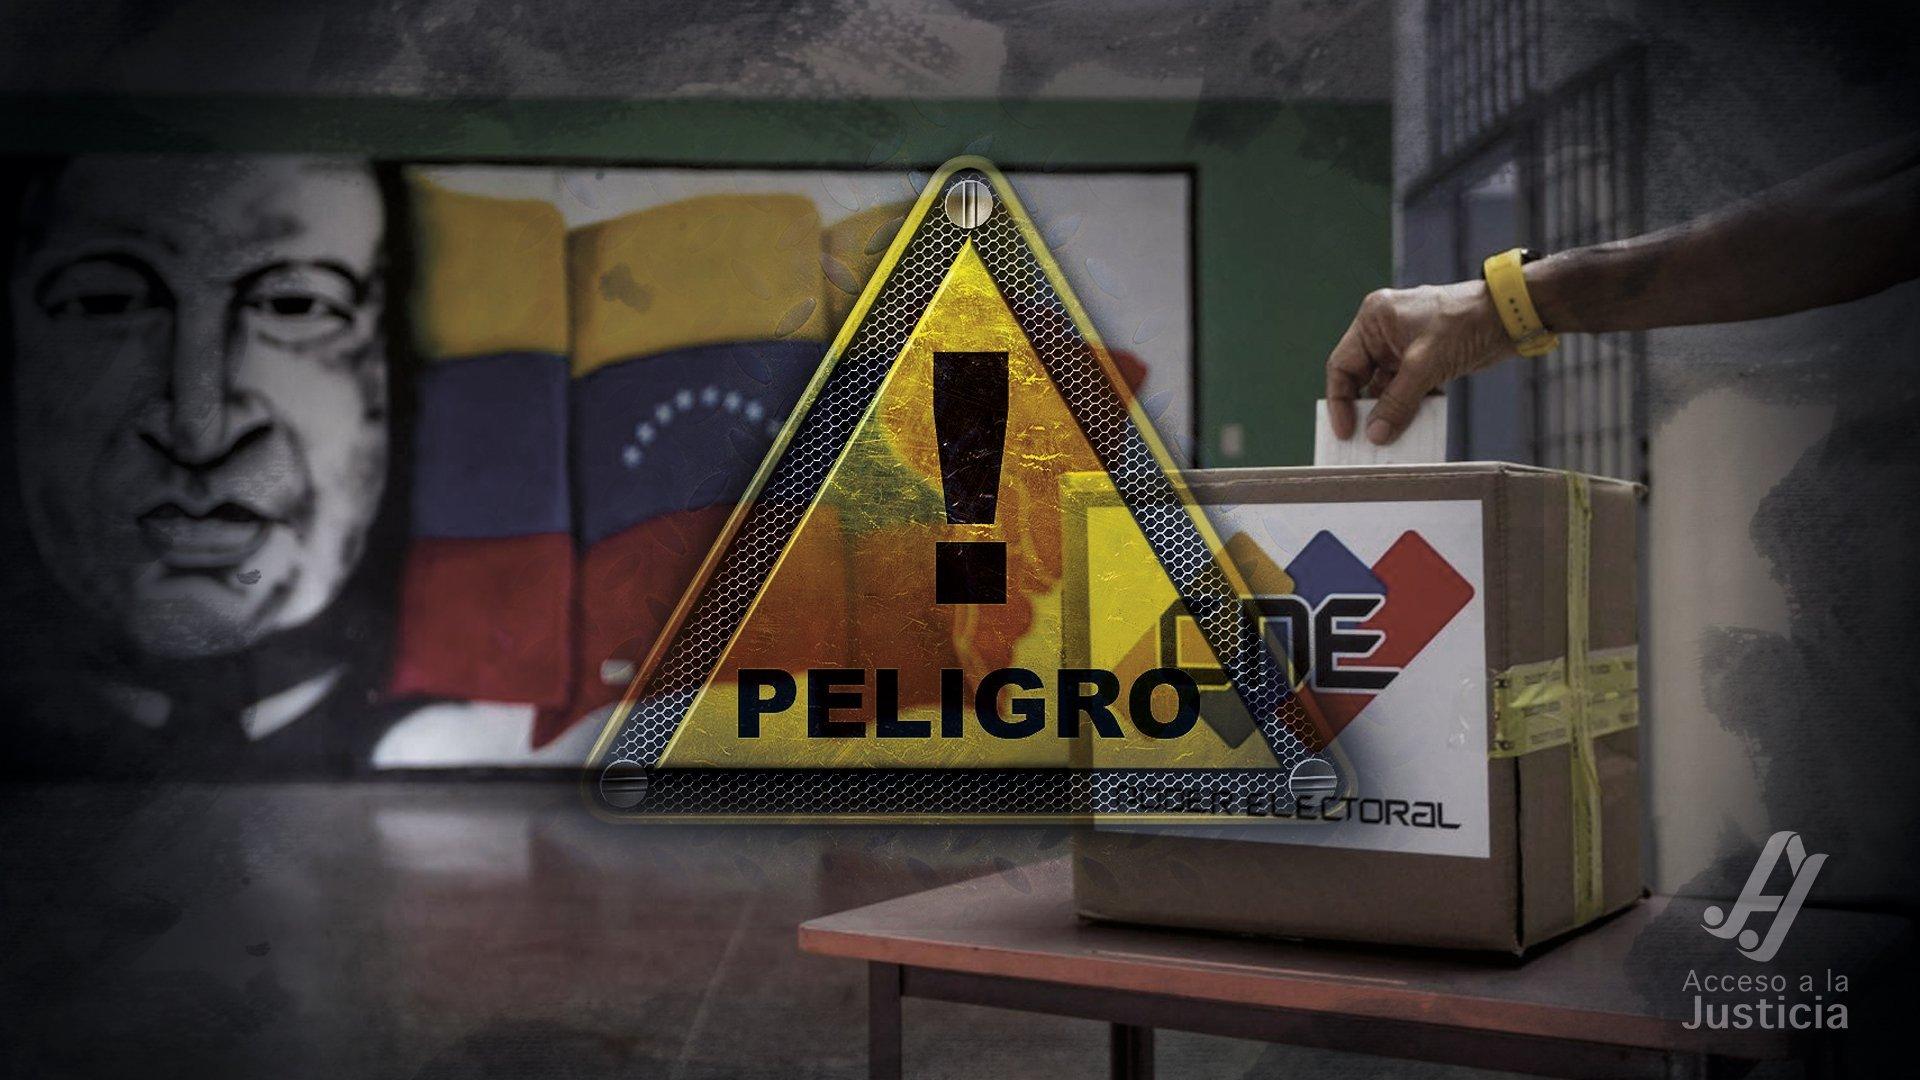 Claves sobre la ilegitimidad de las elecciones del 20 de mayo